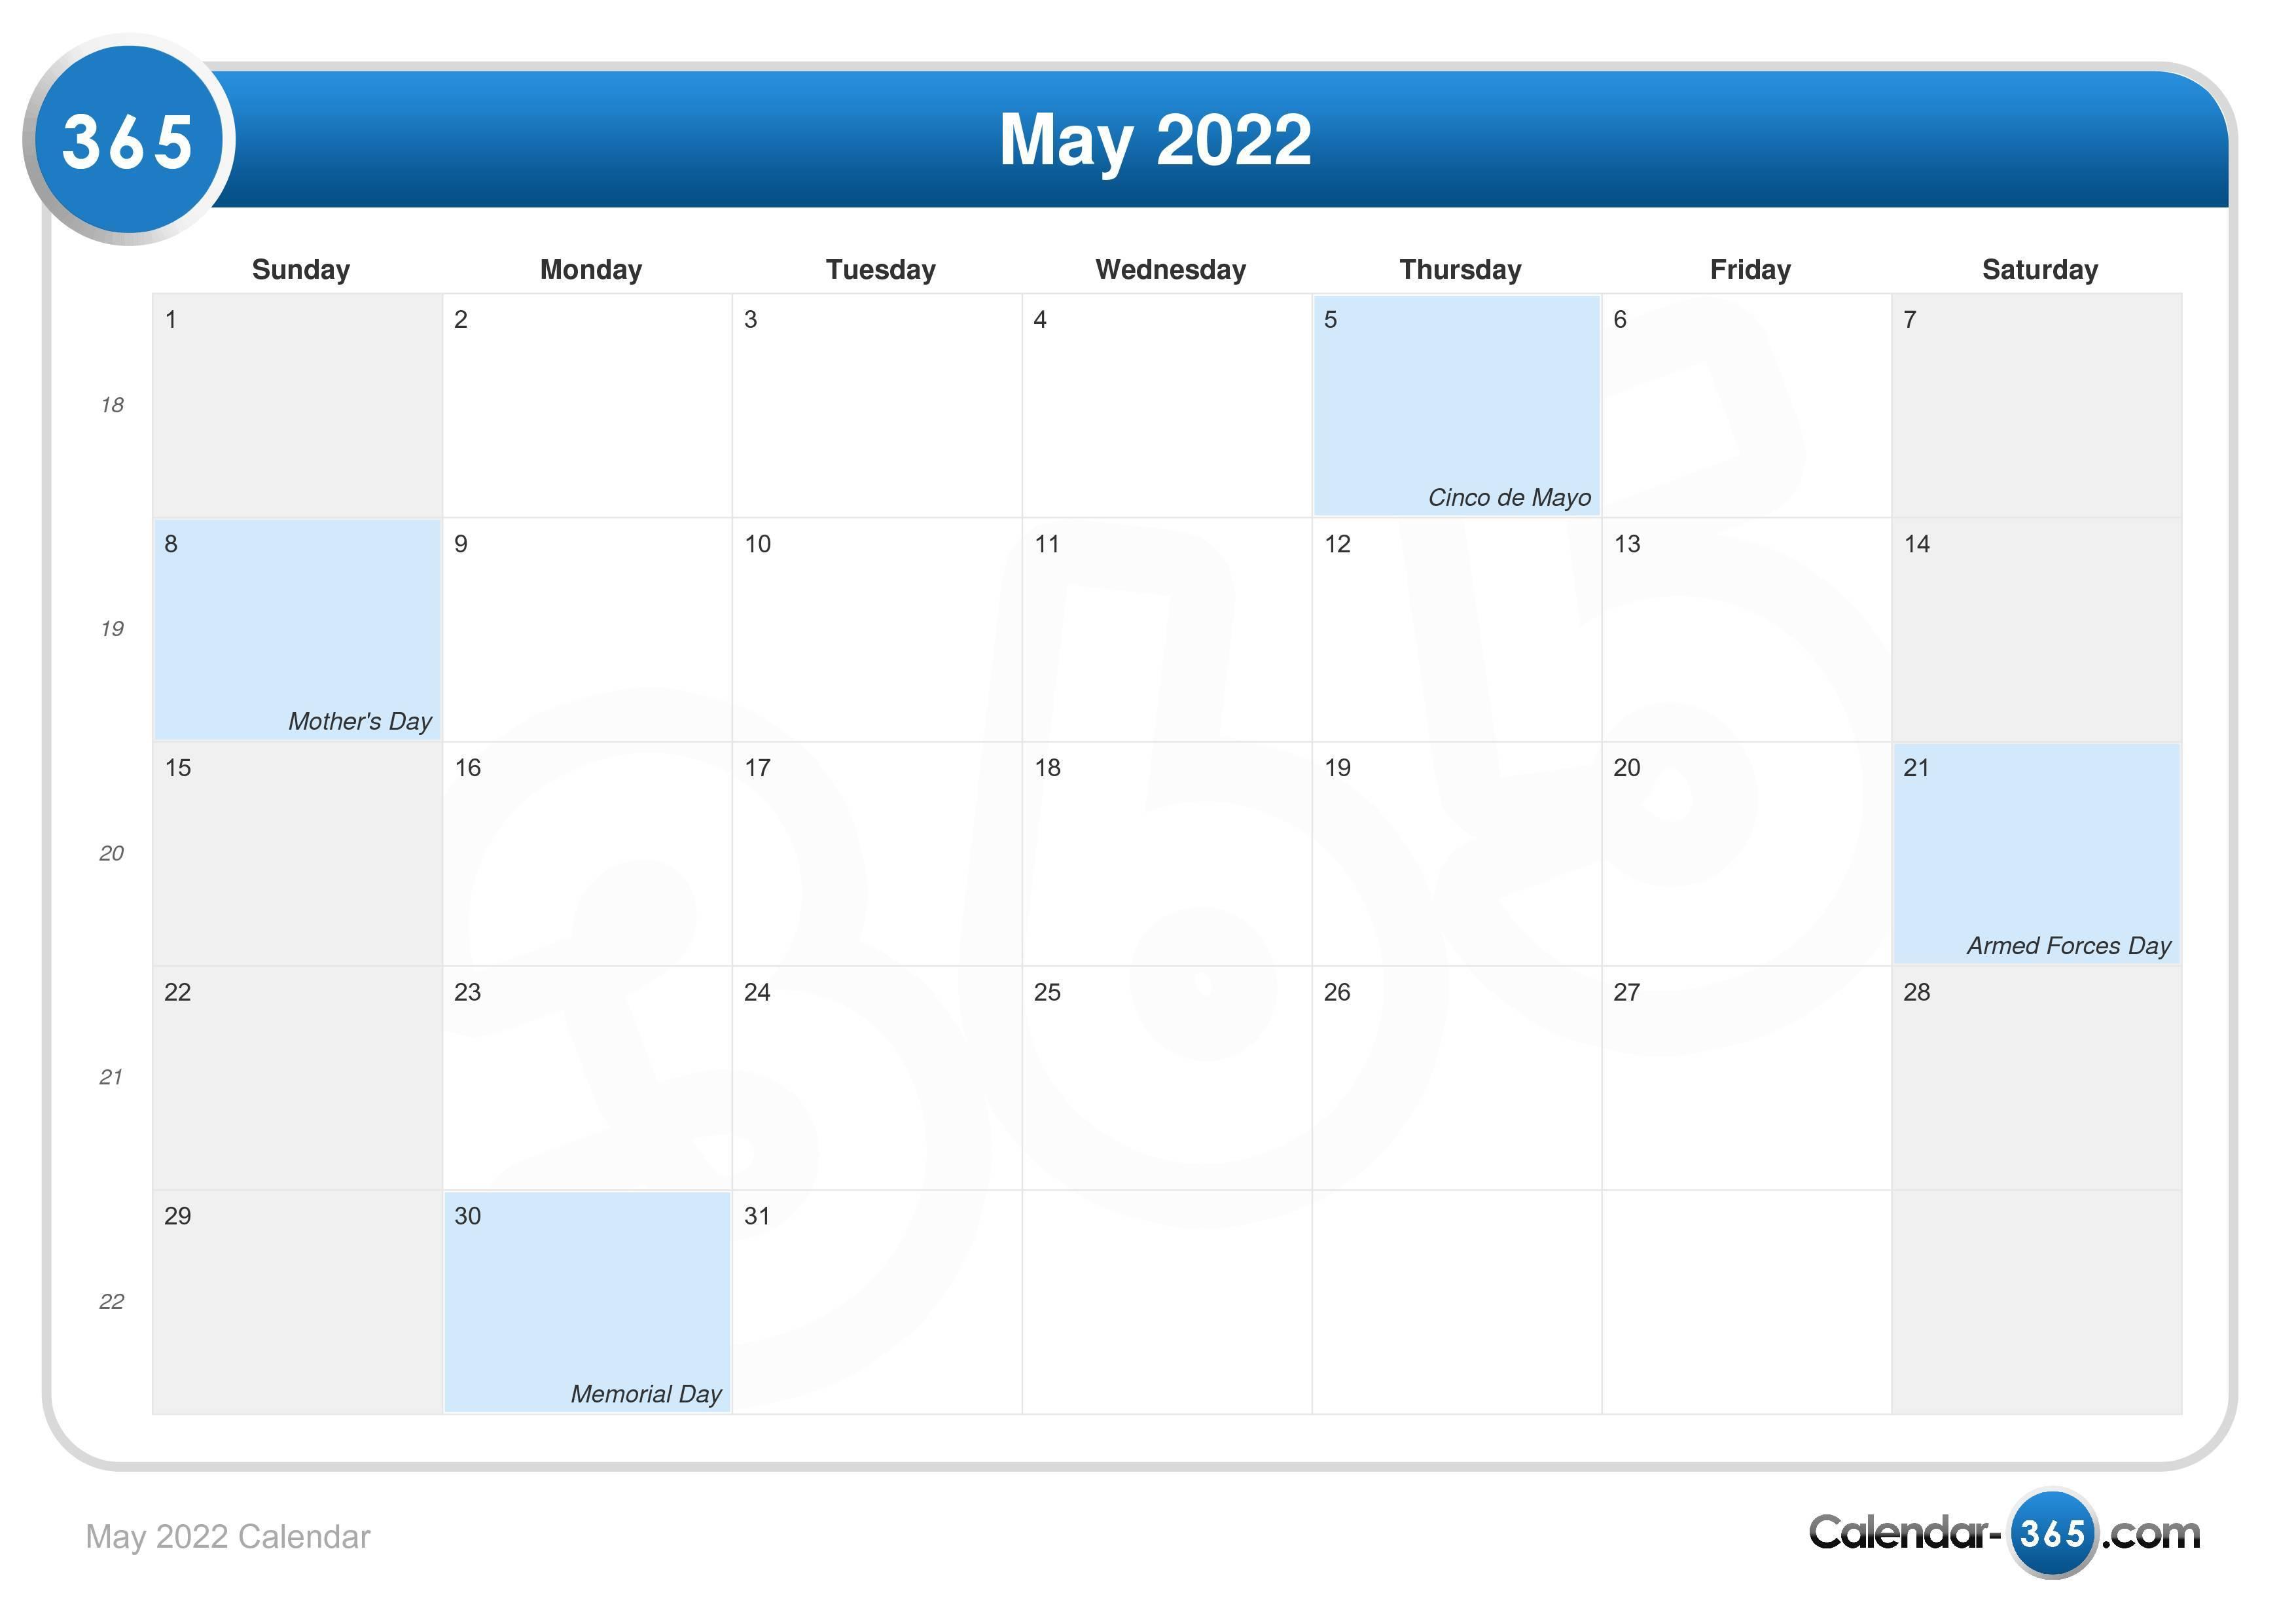 2022 May Calendar.May 2022 Calendar